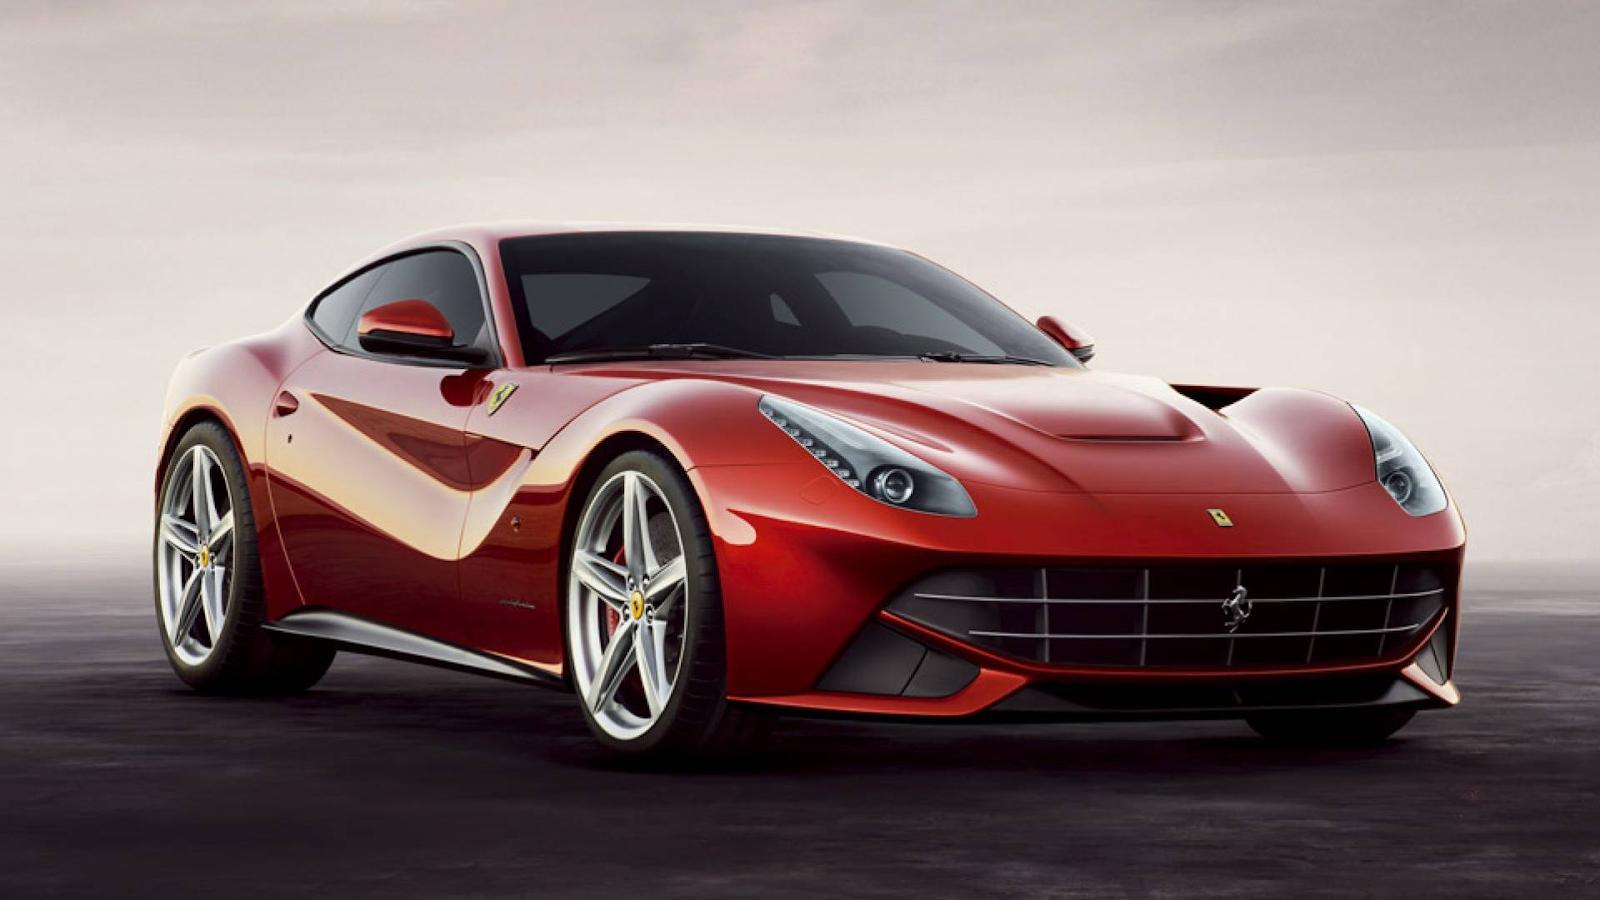 El Ferrari F12 fue reconocido por su diseño